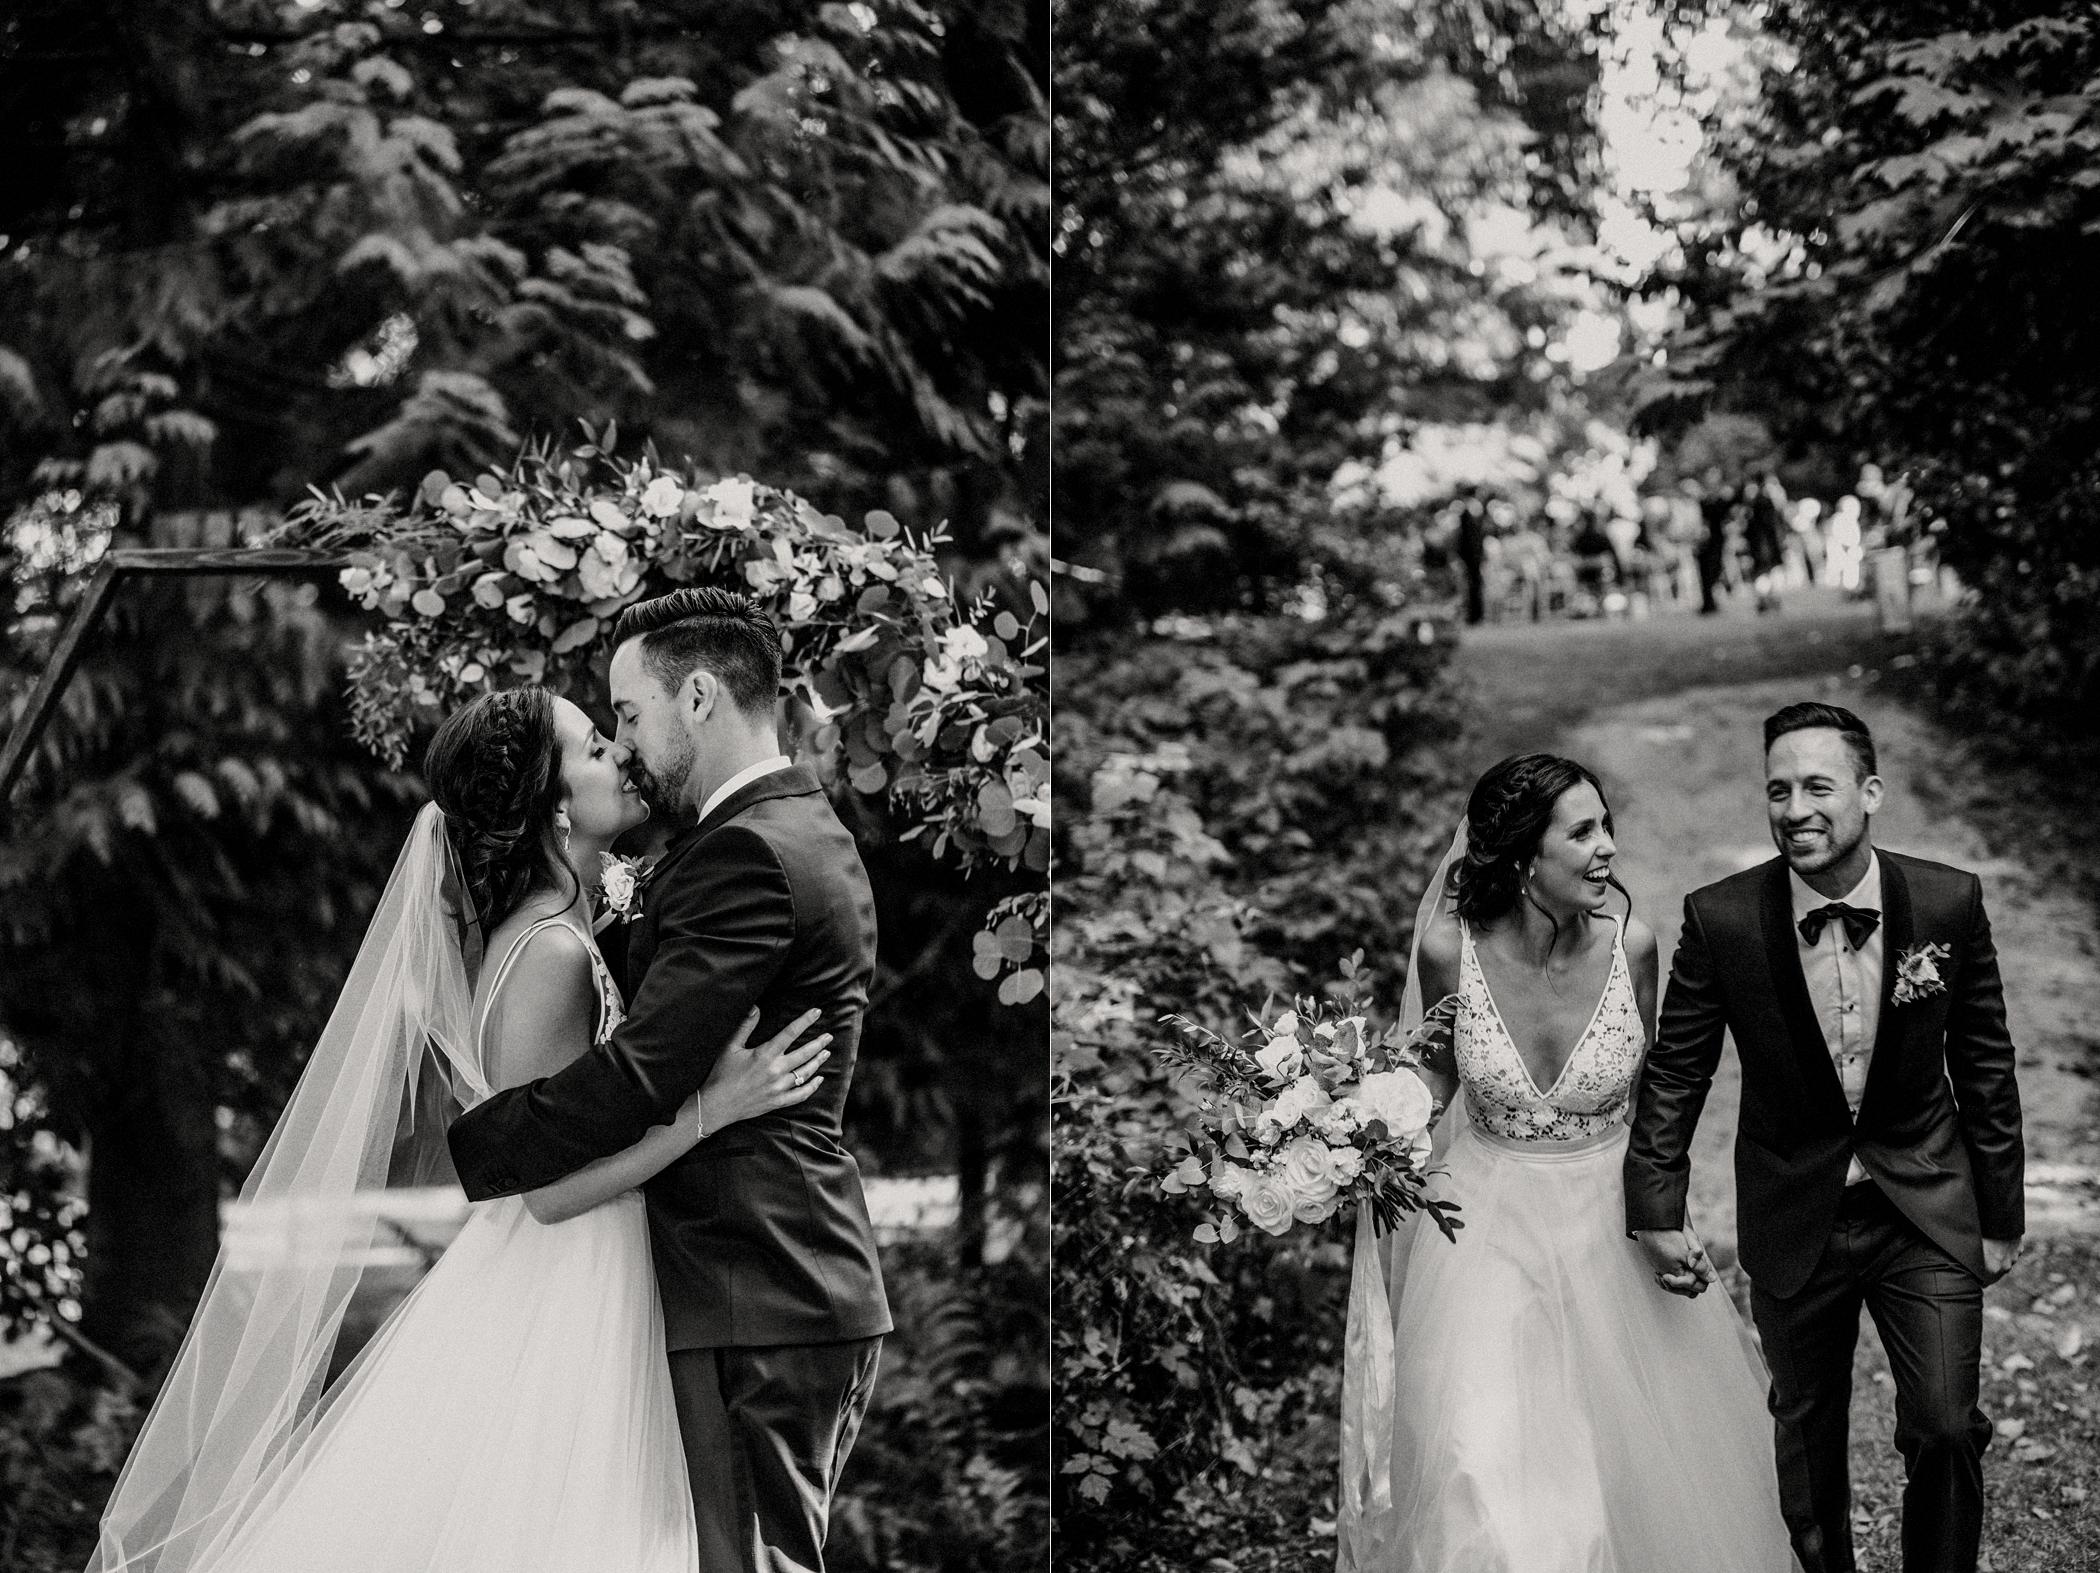 002-kaoverii-silva-KR-wedding-vancouver-photography-blog.png